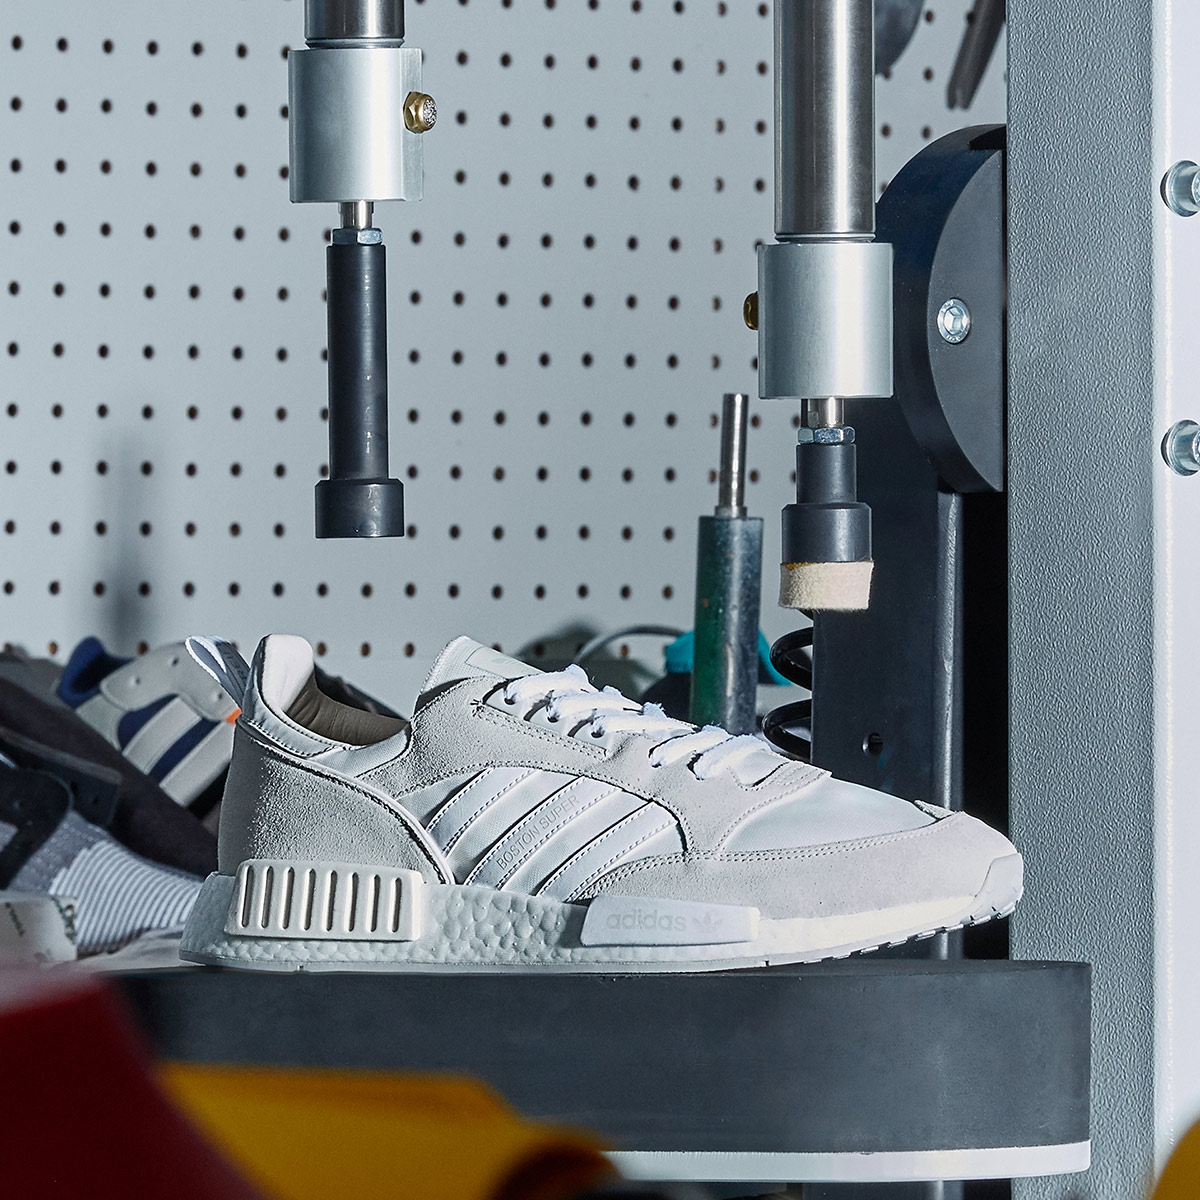 adidas Originals BOSTON_R1 (アディダスオリジナルス ボストン_R1) RUNNING WHITE / CLOUD WHITE / GREY【メンズ スニーカー】18FW-S